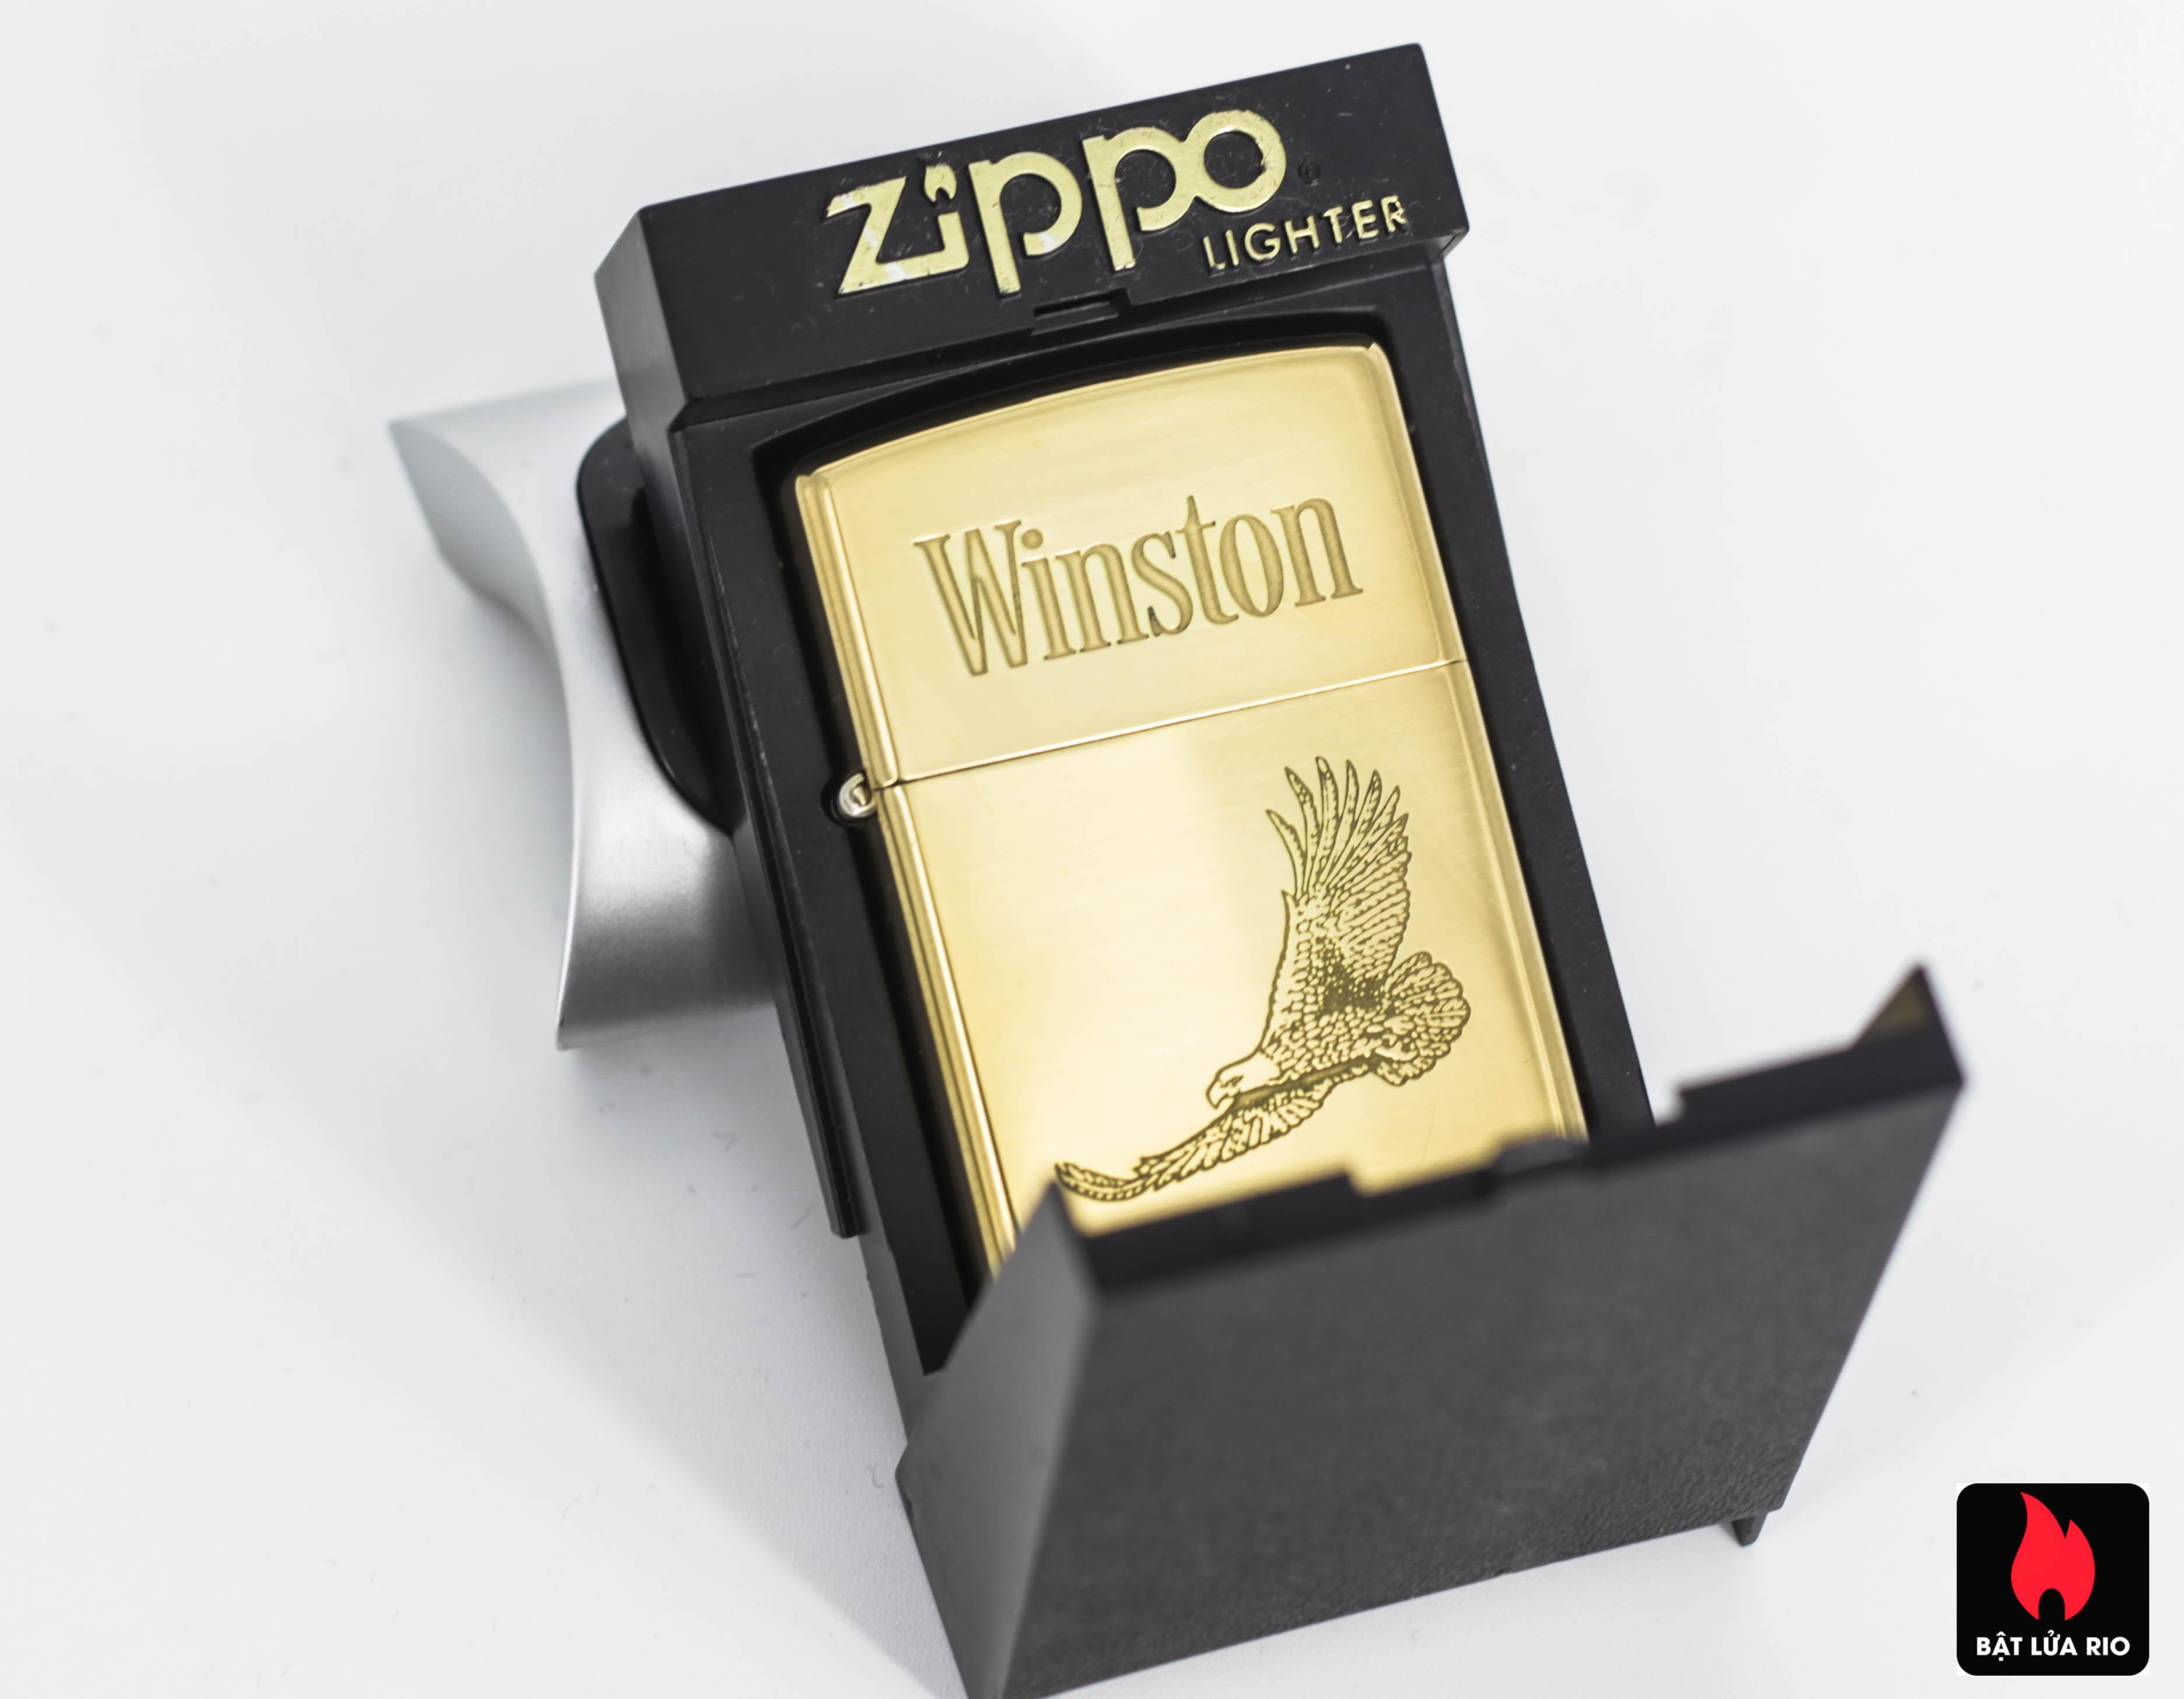 ZIPPO CHU NIÊN 1932-1992 – WINSTON – ĐỒNG NGUYÊN KHỐI